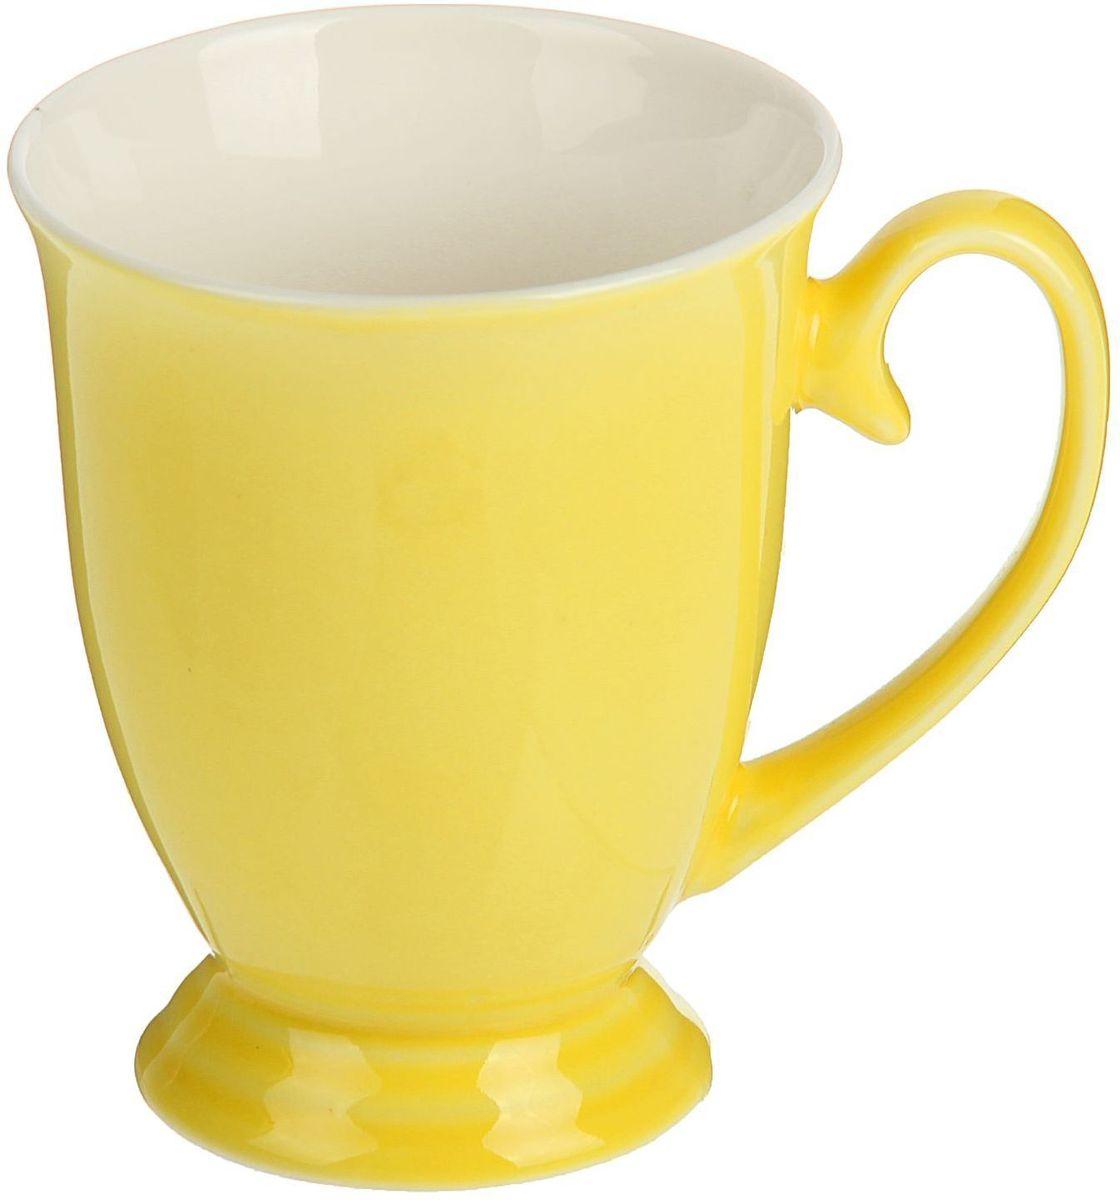 Кружка Доляна Венеция, цвет: желтый, 300 мл1625305Хотите обновить интерьер кухни или гостиной? Устраиваете необычную фотосессию или тематический праздник? А может, просто ищете подарок для близкого человека? Кружка станет любимым аксессуаром на долгие годы. Относитесь к изделию бережно, и оно будет дарить прекрасное настроение каждый день!